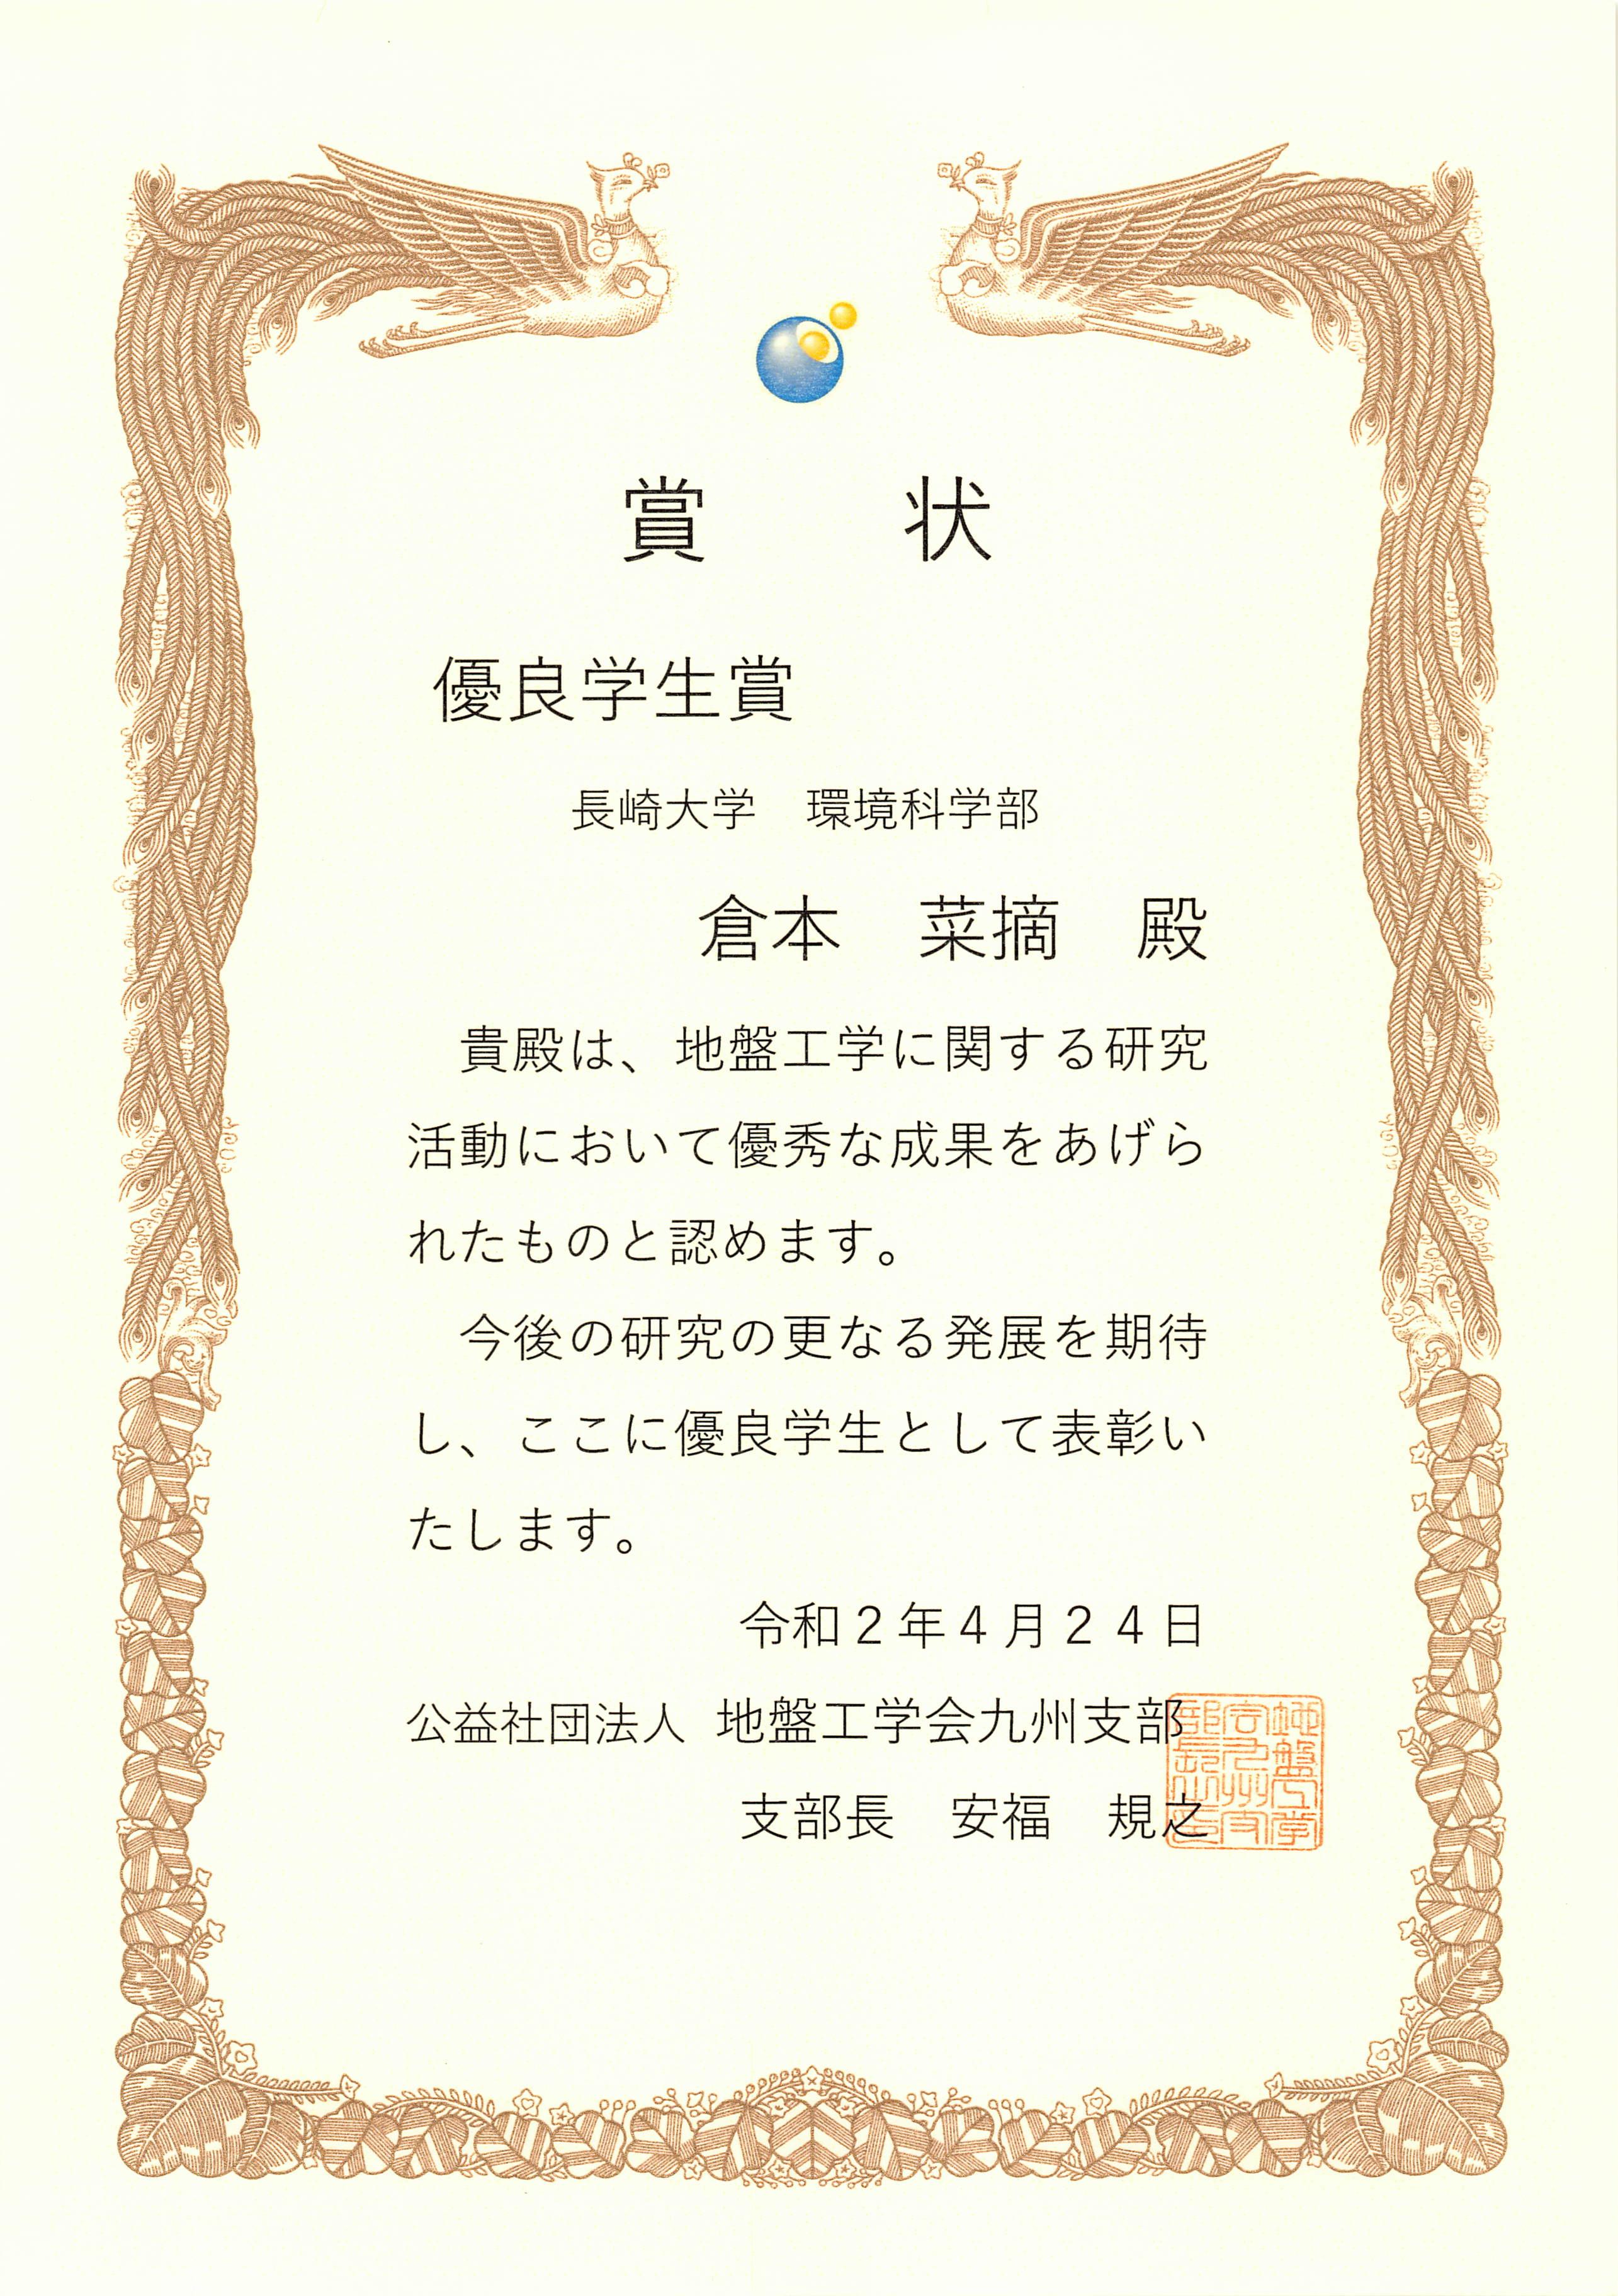 優良学生賞 賞状